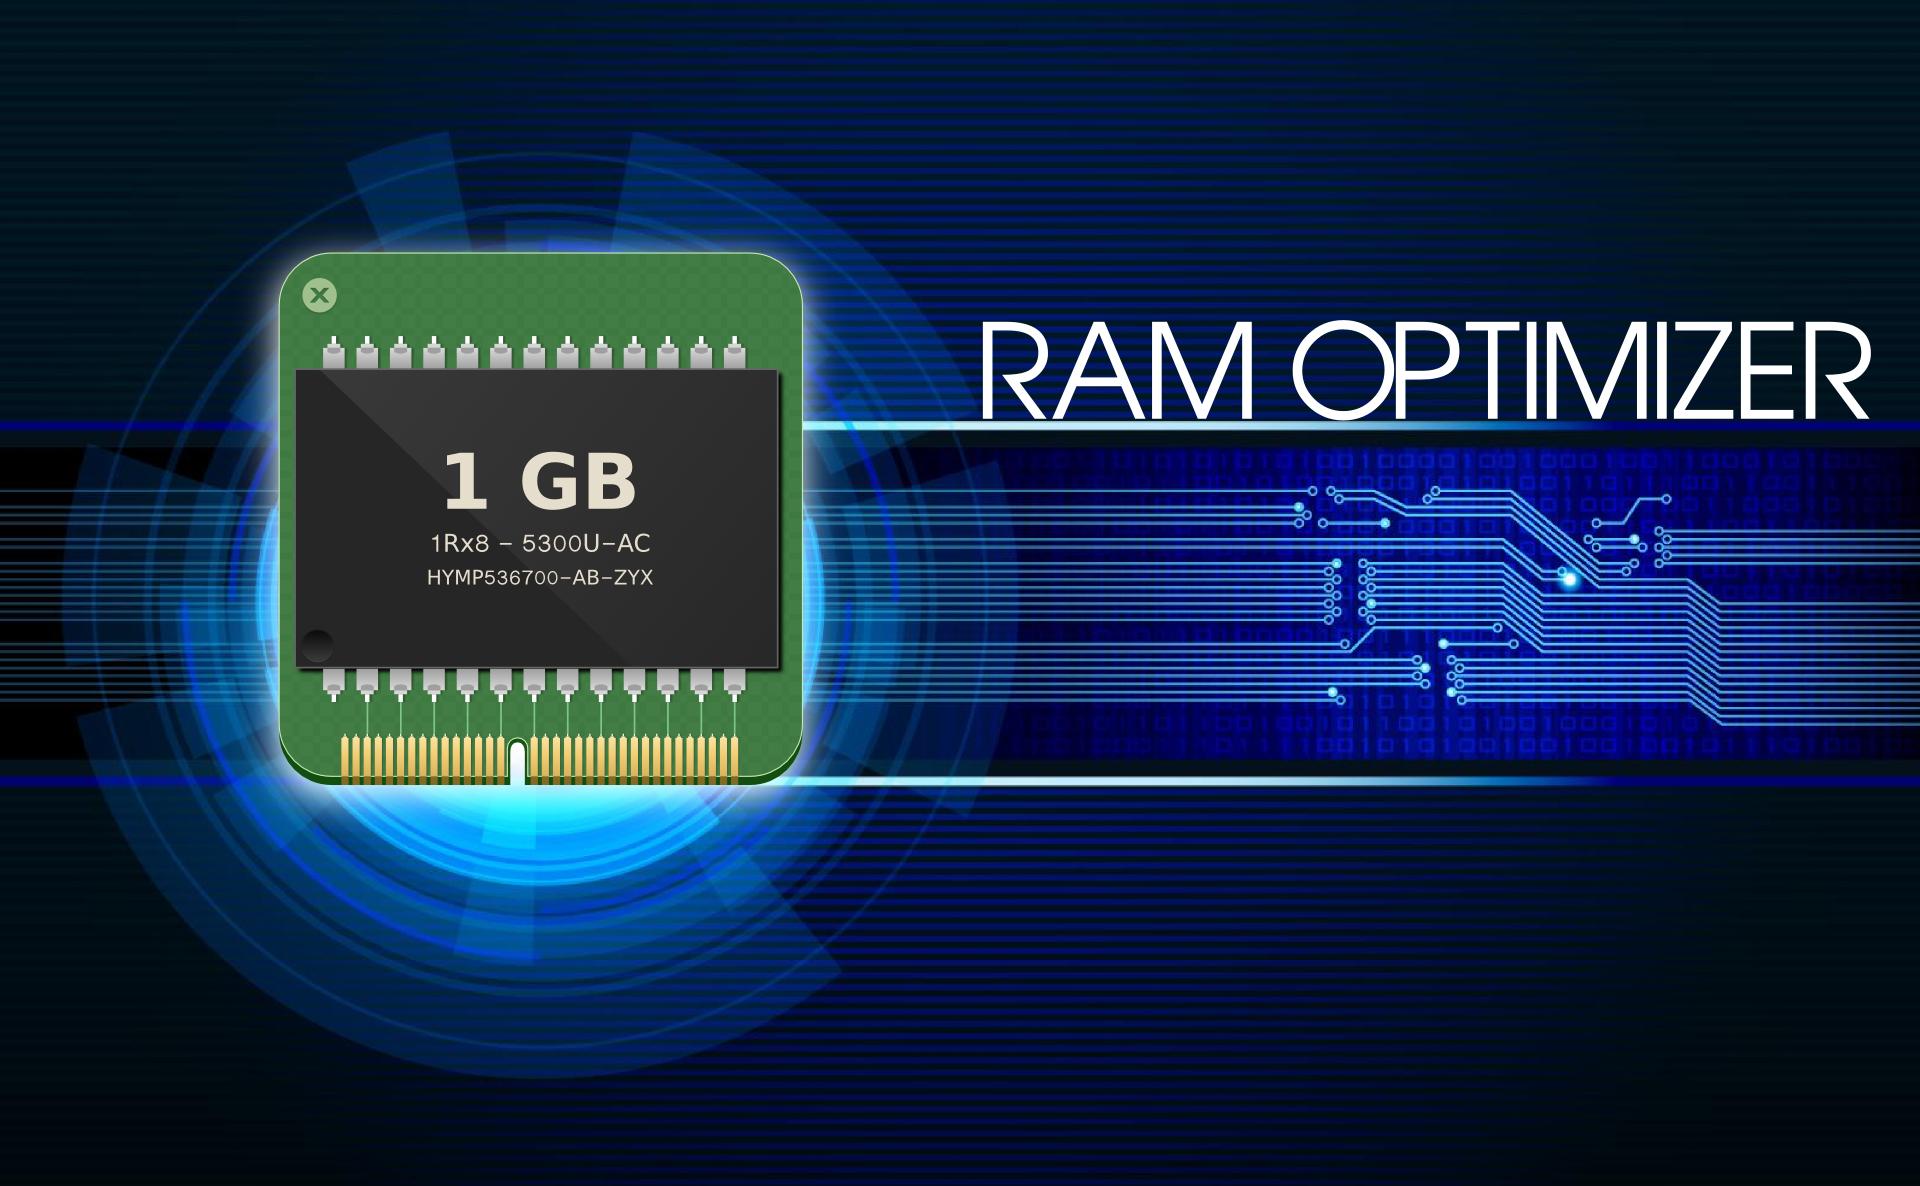 Ram Optimizer Gaming Banner Mobile App Games Game App